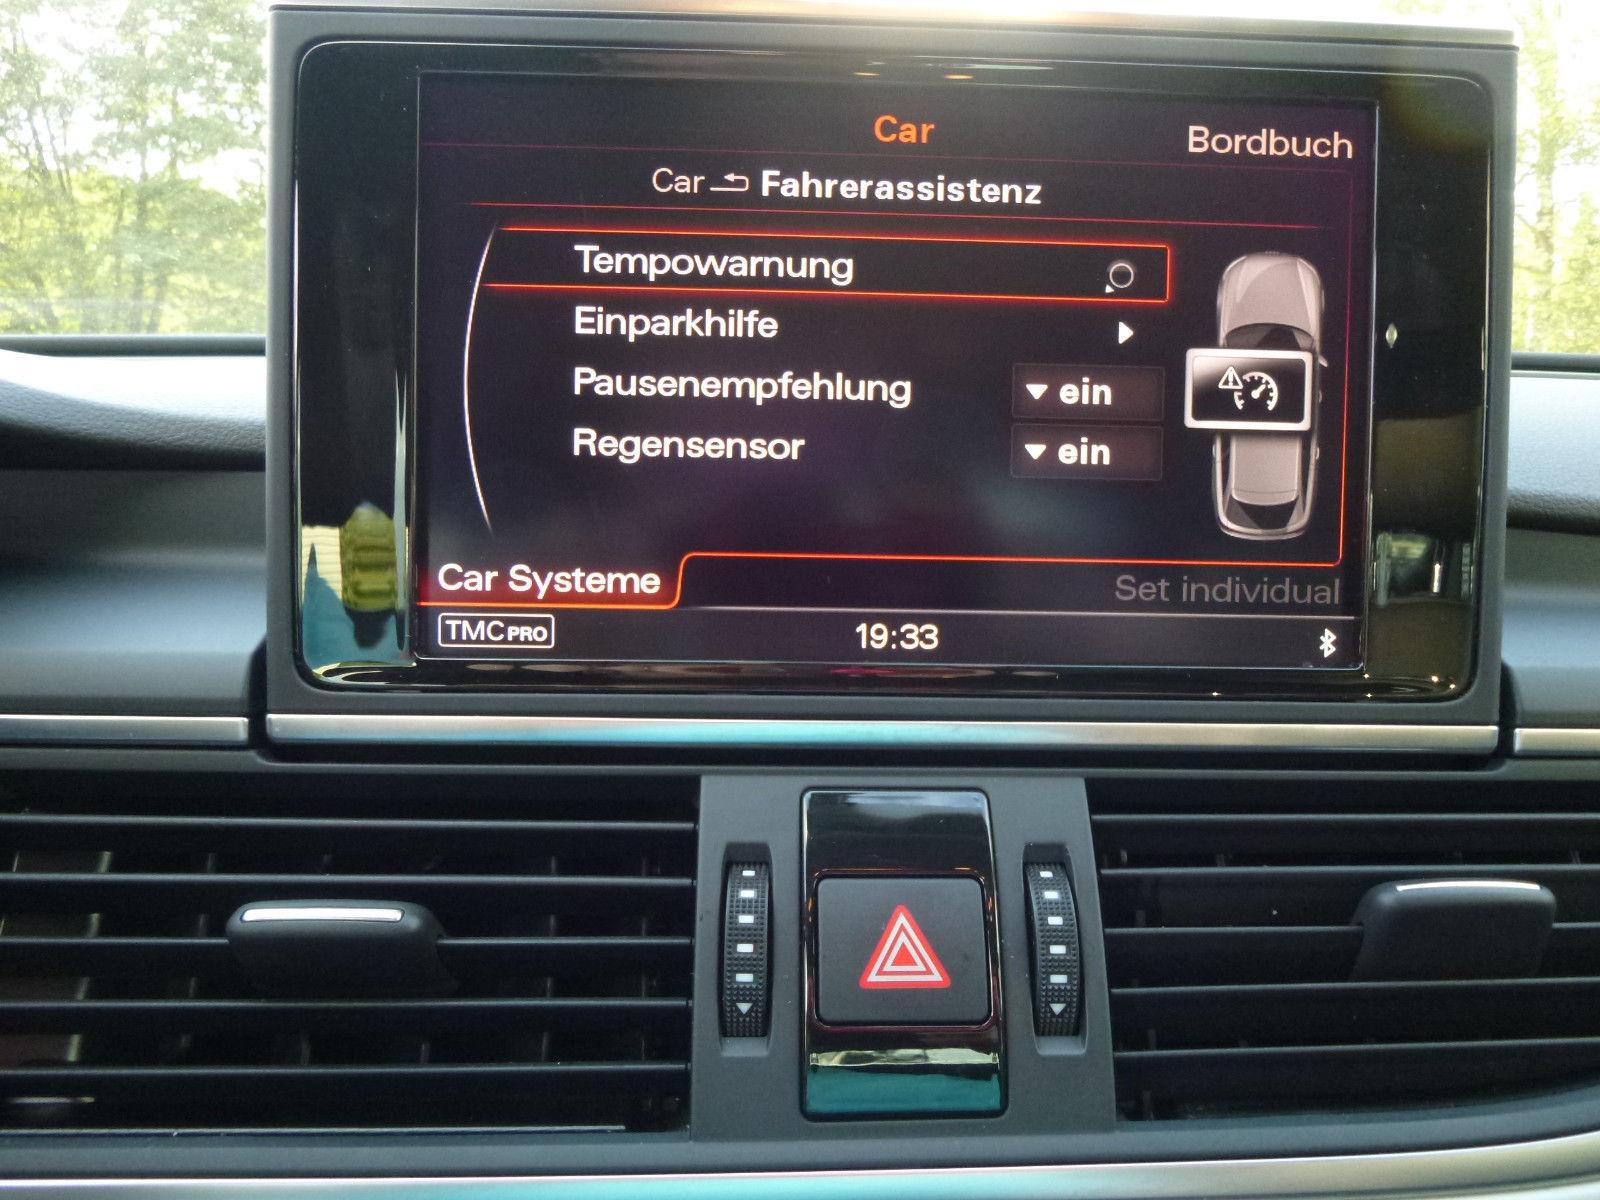 Покупка на кола от Германия -Ауди А6 2013-та, 2.0 TDI, 177 к.с.; 09.09.2017 Галерия (16)